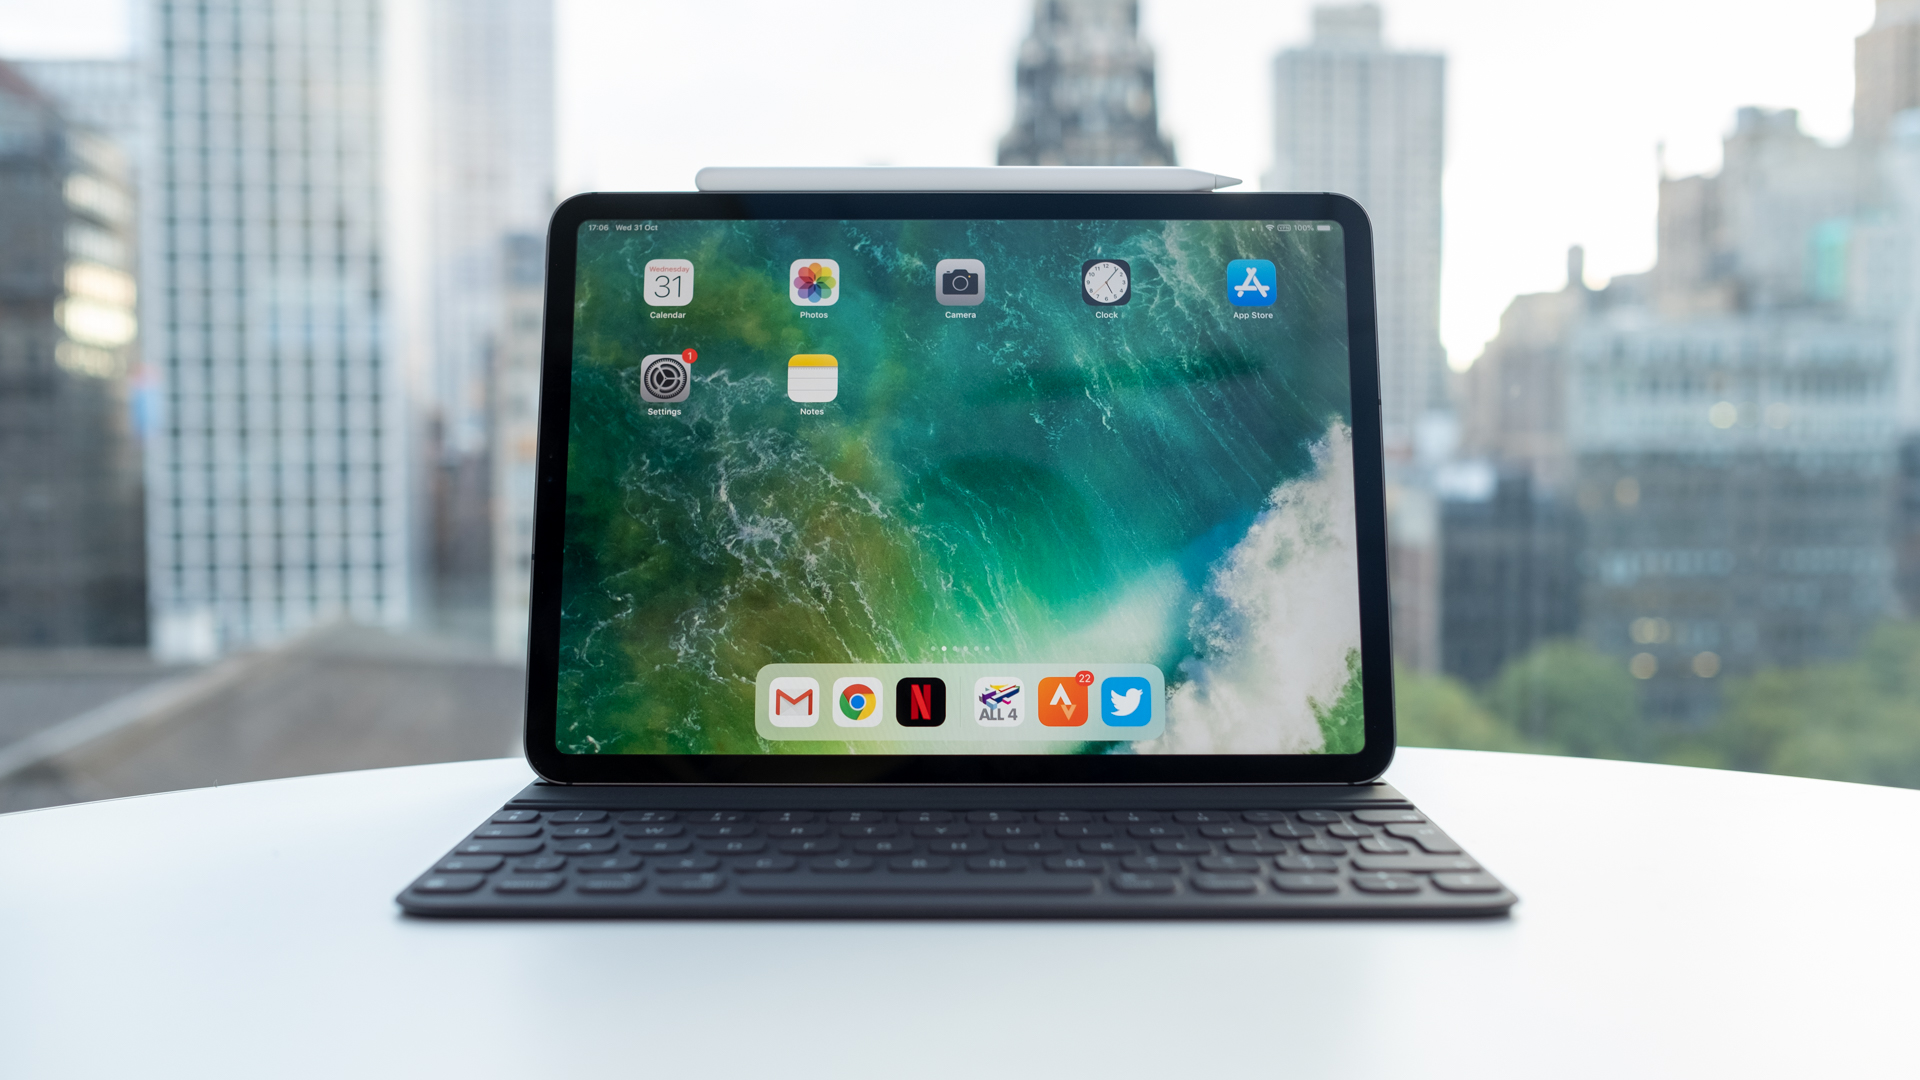 qf8VEqFqS8B9LLJJJkaaaT - Samsung Galaxy Tab S6 vs. iPad Pro (2018)